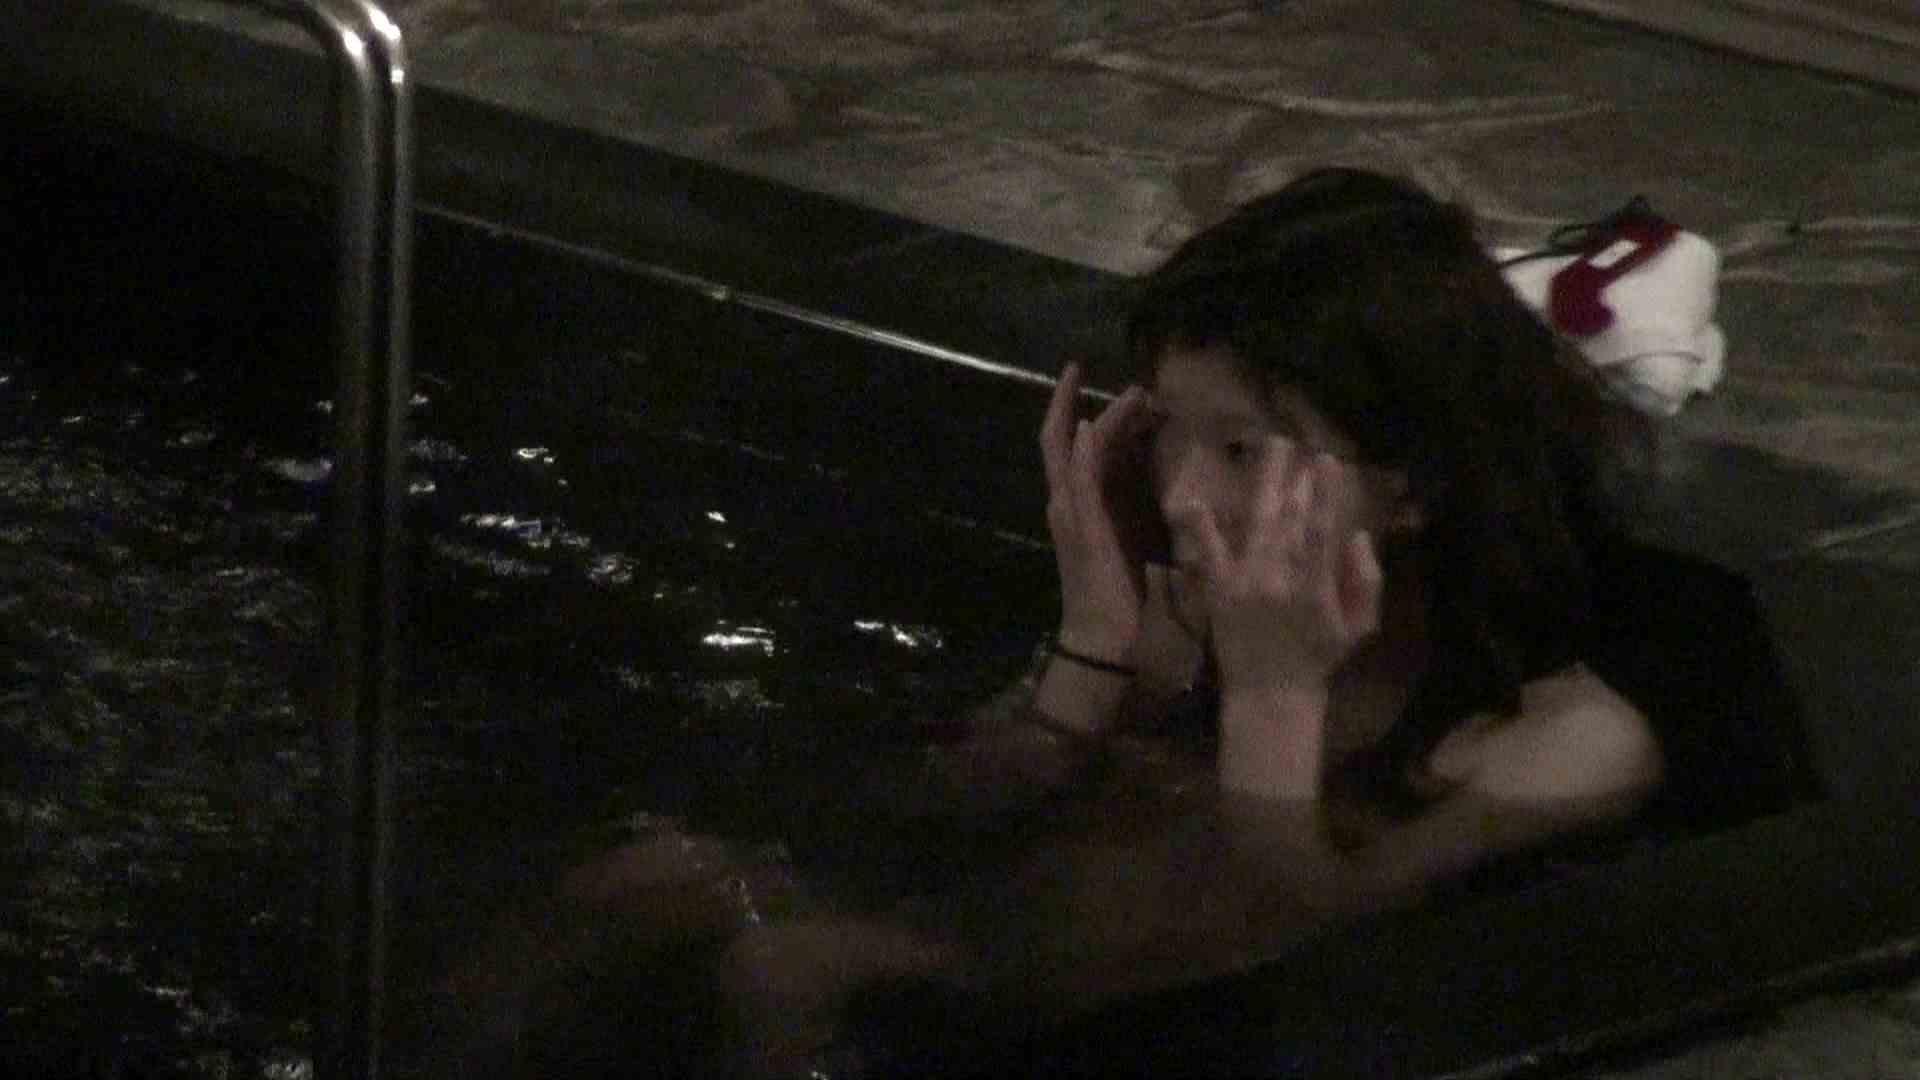 Aquaな露天風呂Vol.371 ガールの盗撮 エロ画像 73枚